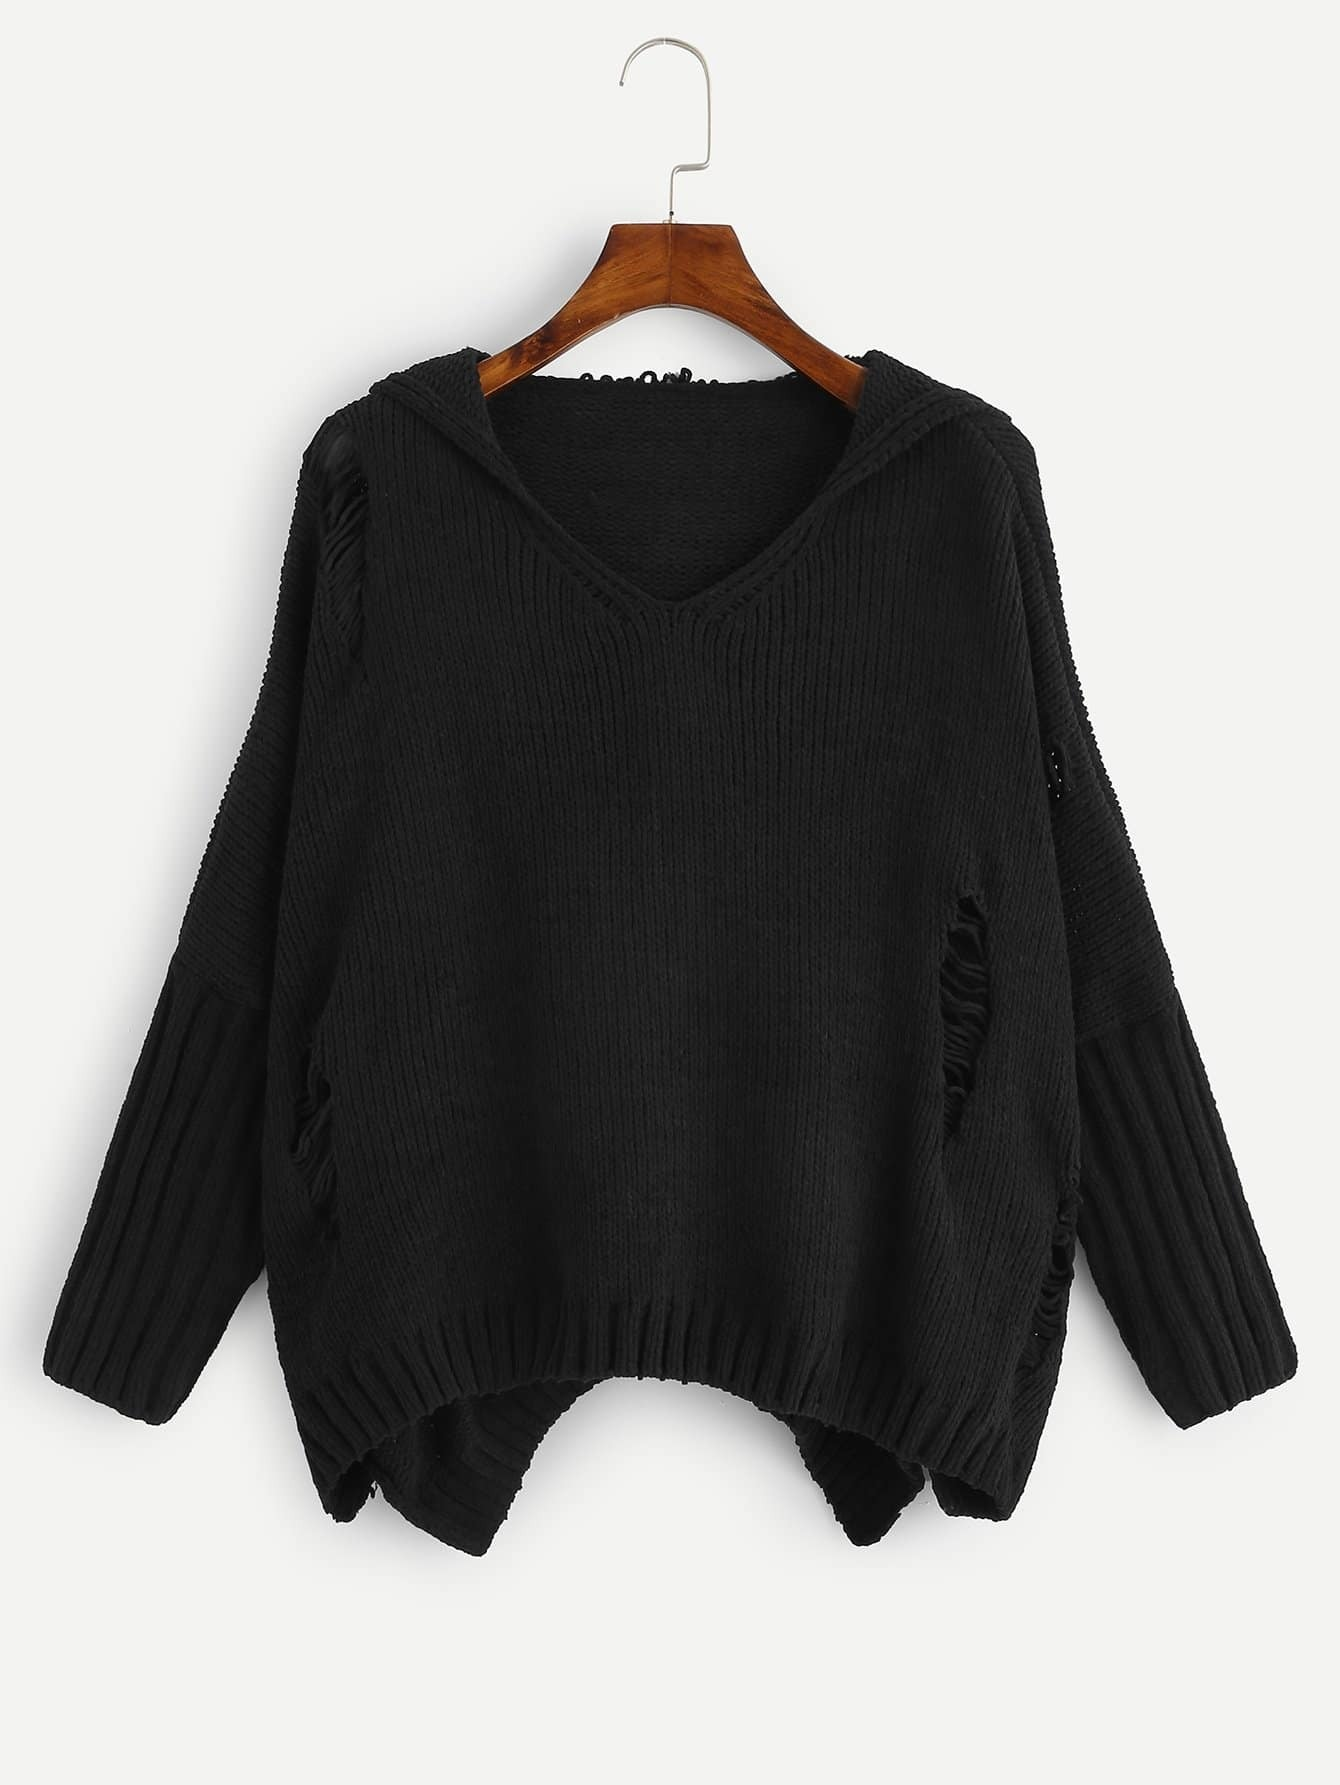 Купить Рваный свитер с капюшоном с заниженной линией плеч размера плюс, null, SheIn